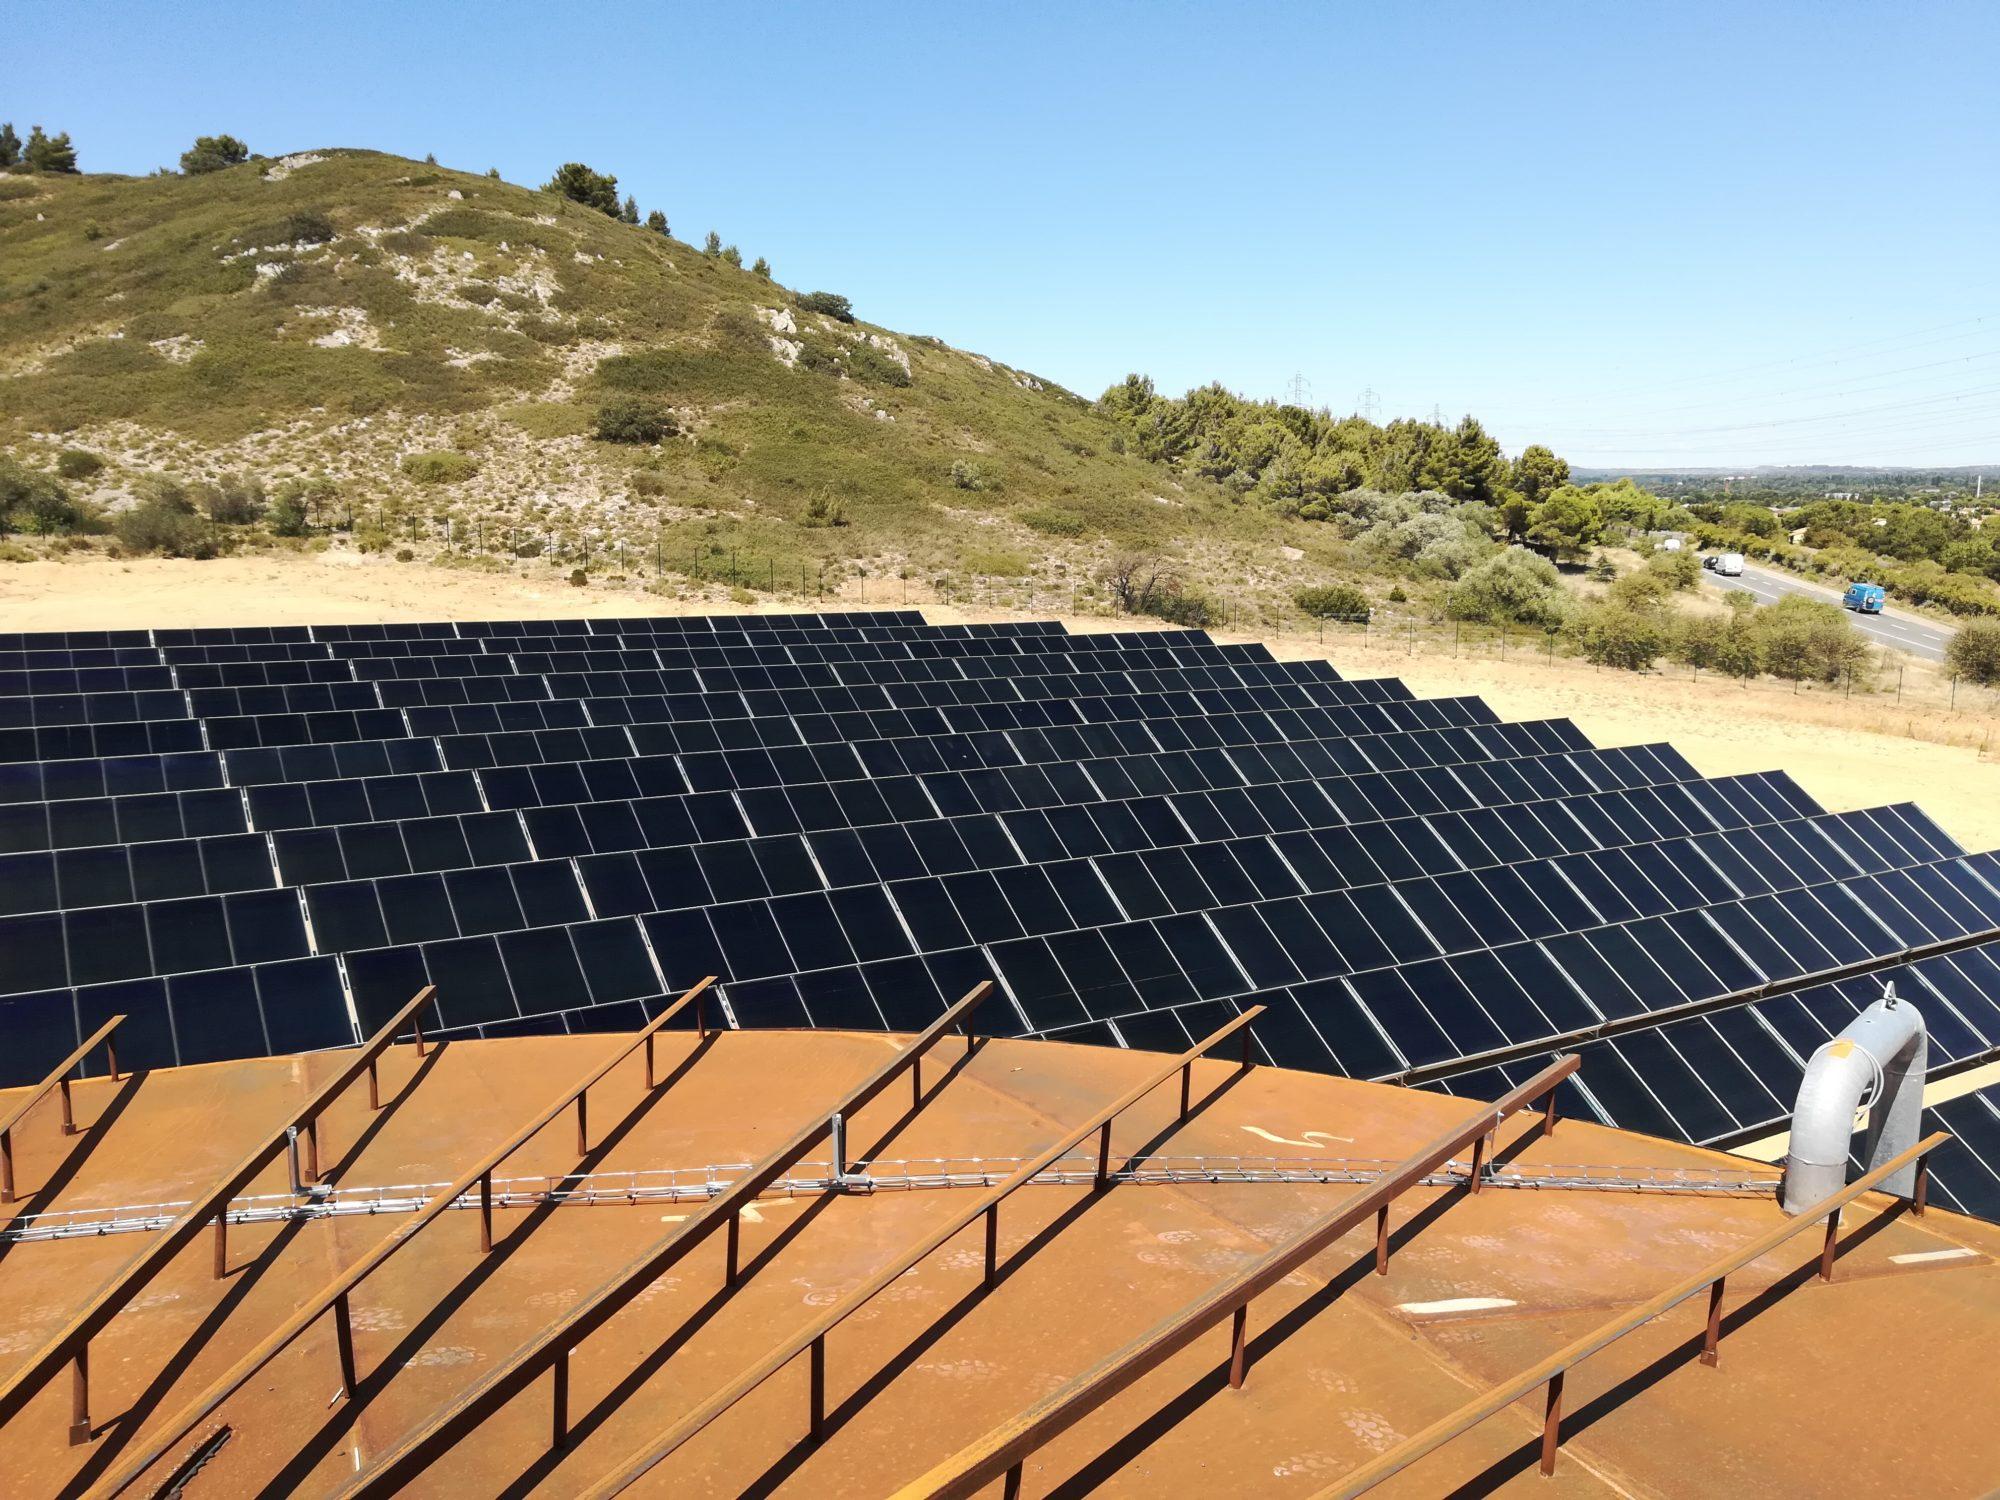 Centrale solaire thermique du réseau de chaleur de la ville de Narbonne